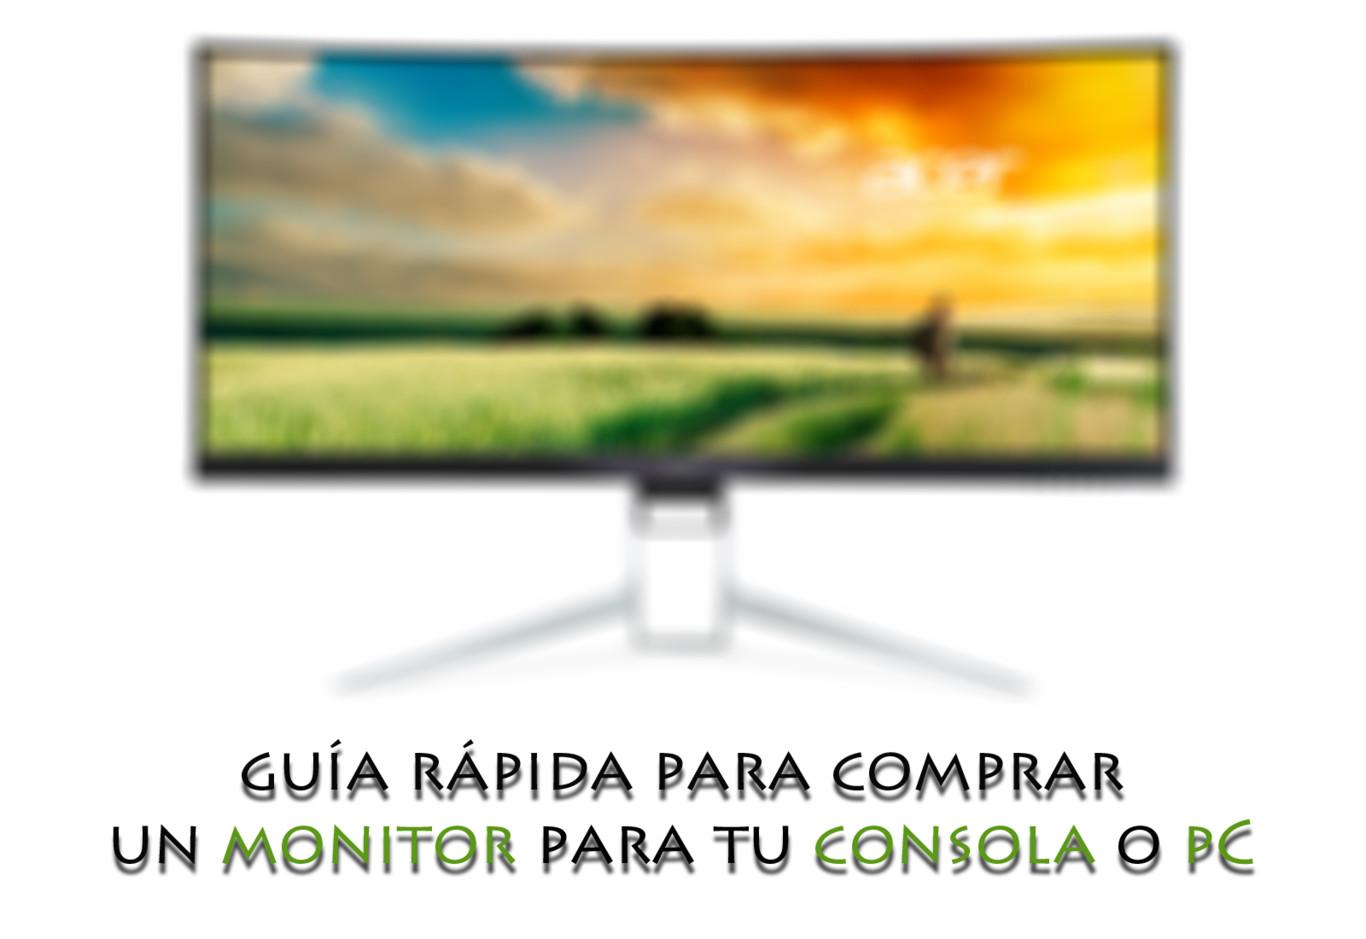 1bc66e84cd6 Te damos algunos consejos para buscar el monitor ideal para usar con tu PC  o consola